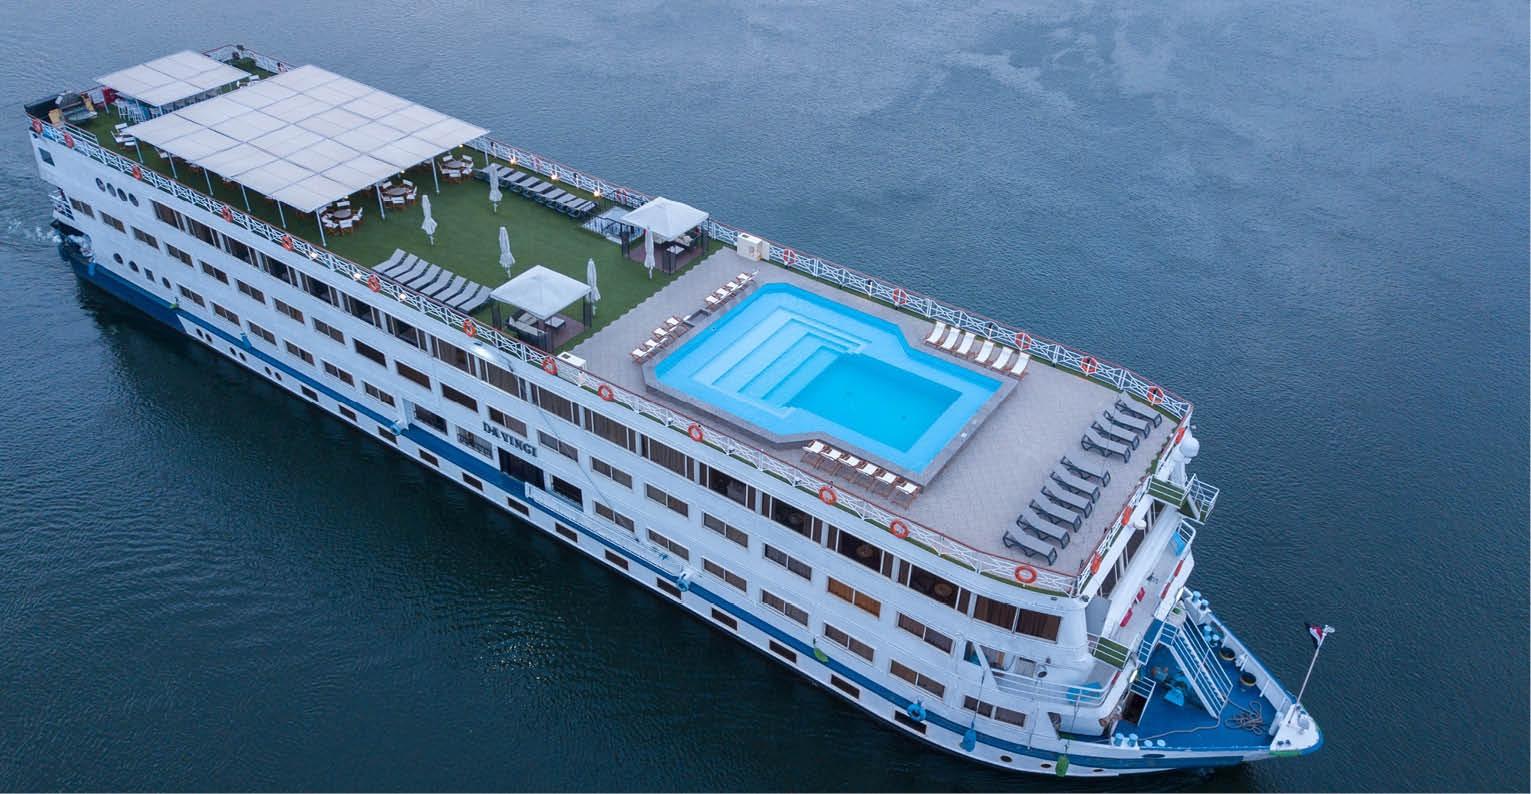 Séjour Louxor - Circuit Coeur de l'Egypte - Top Clubs Cruise M/S Da Vinci 5* - Egypte